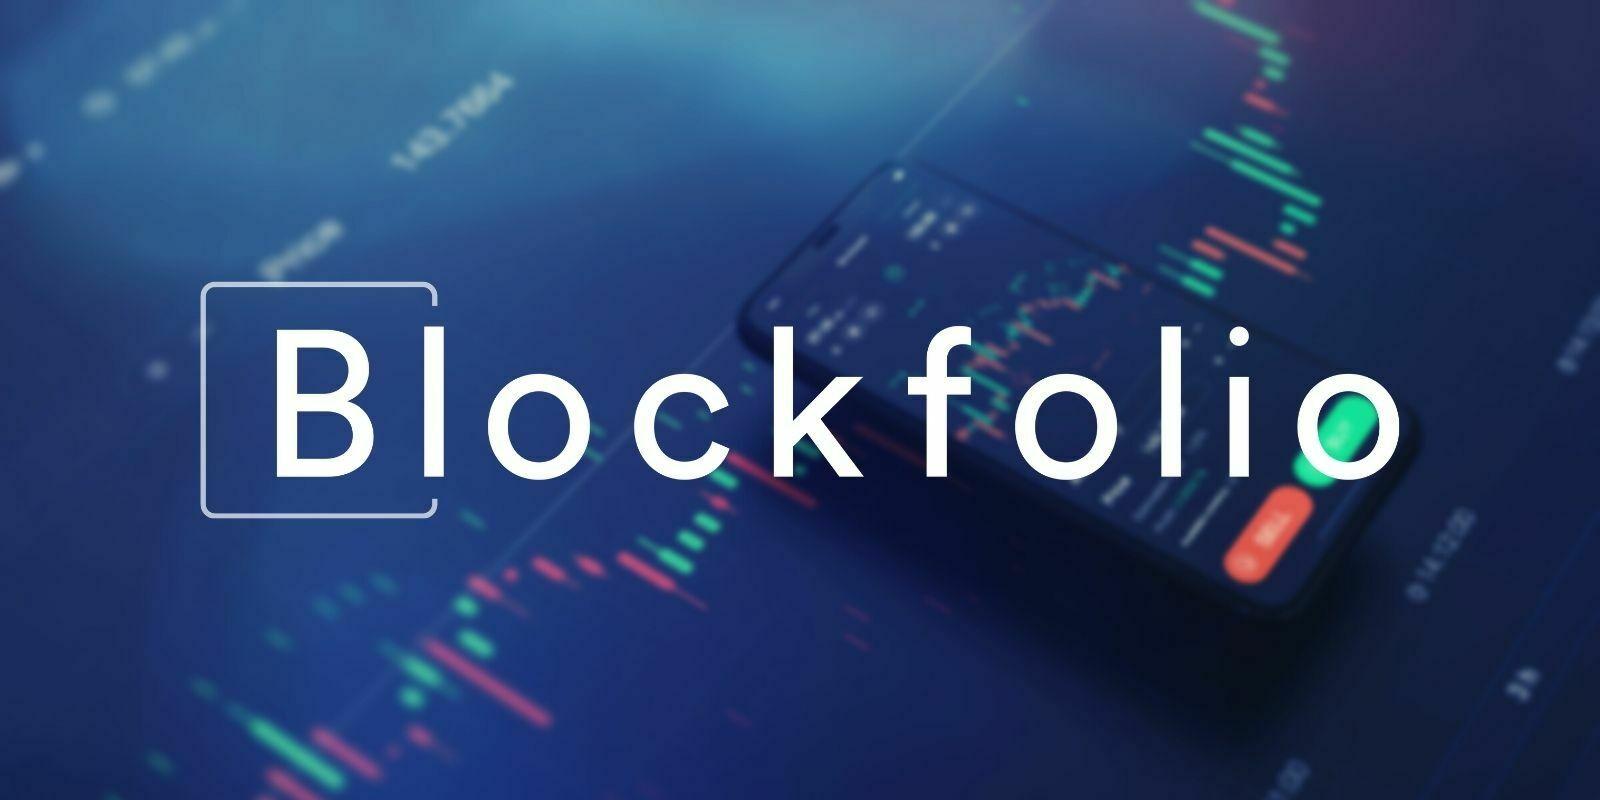 Blockfolio introduit le trading sans frais sur son application